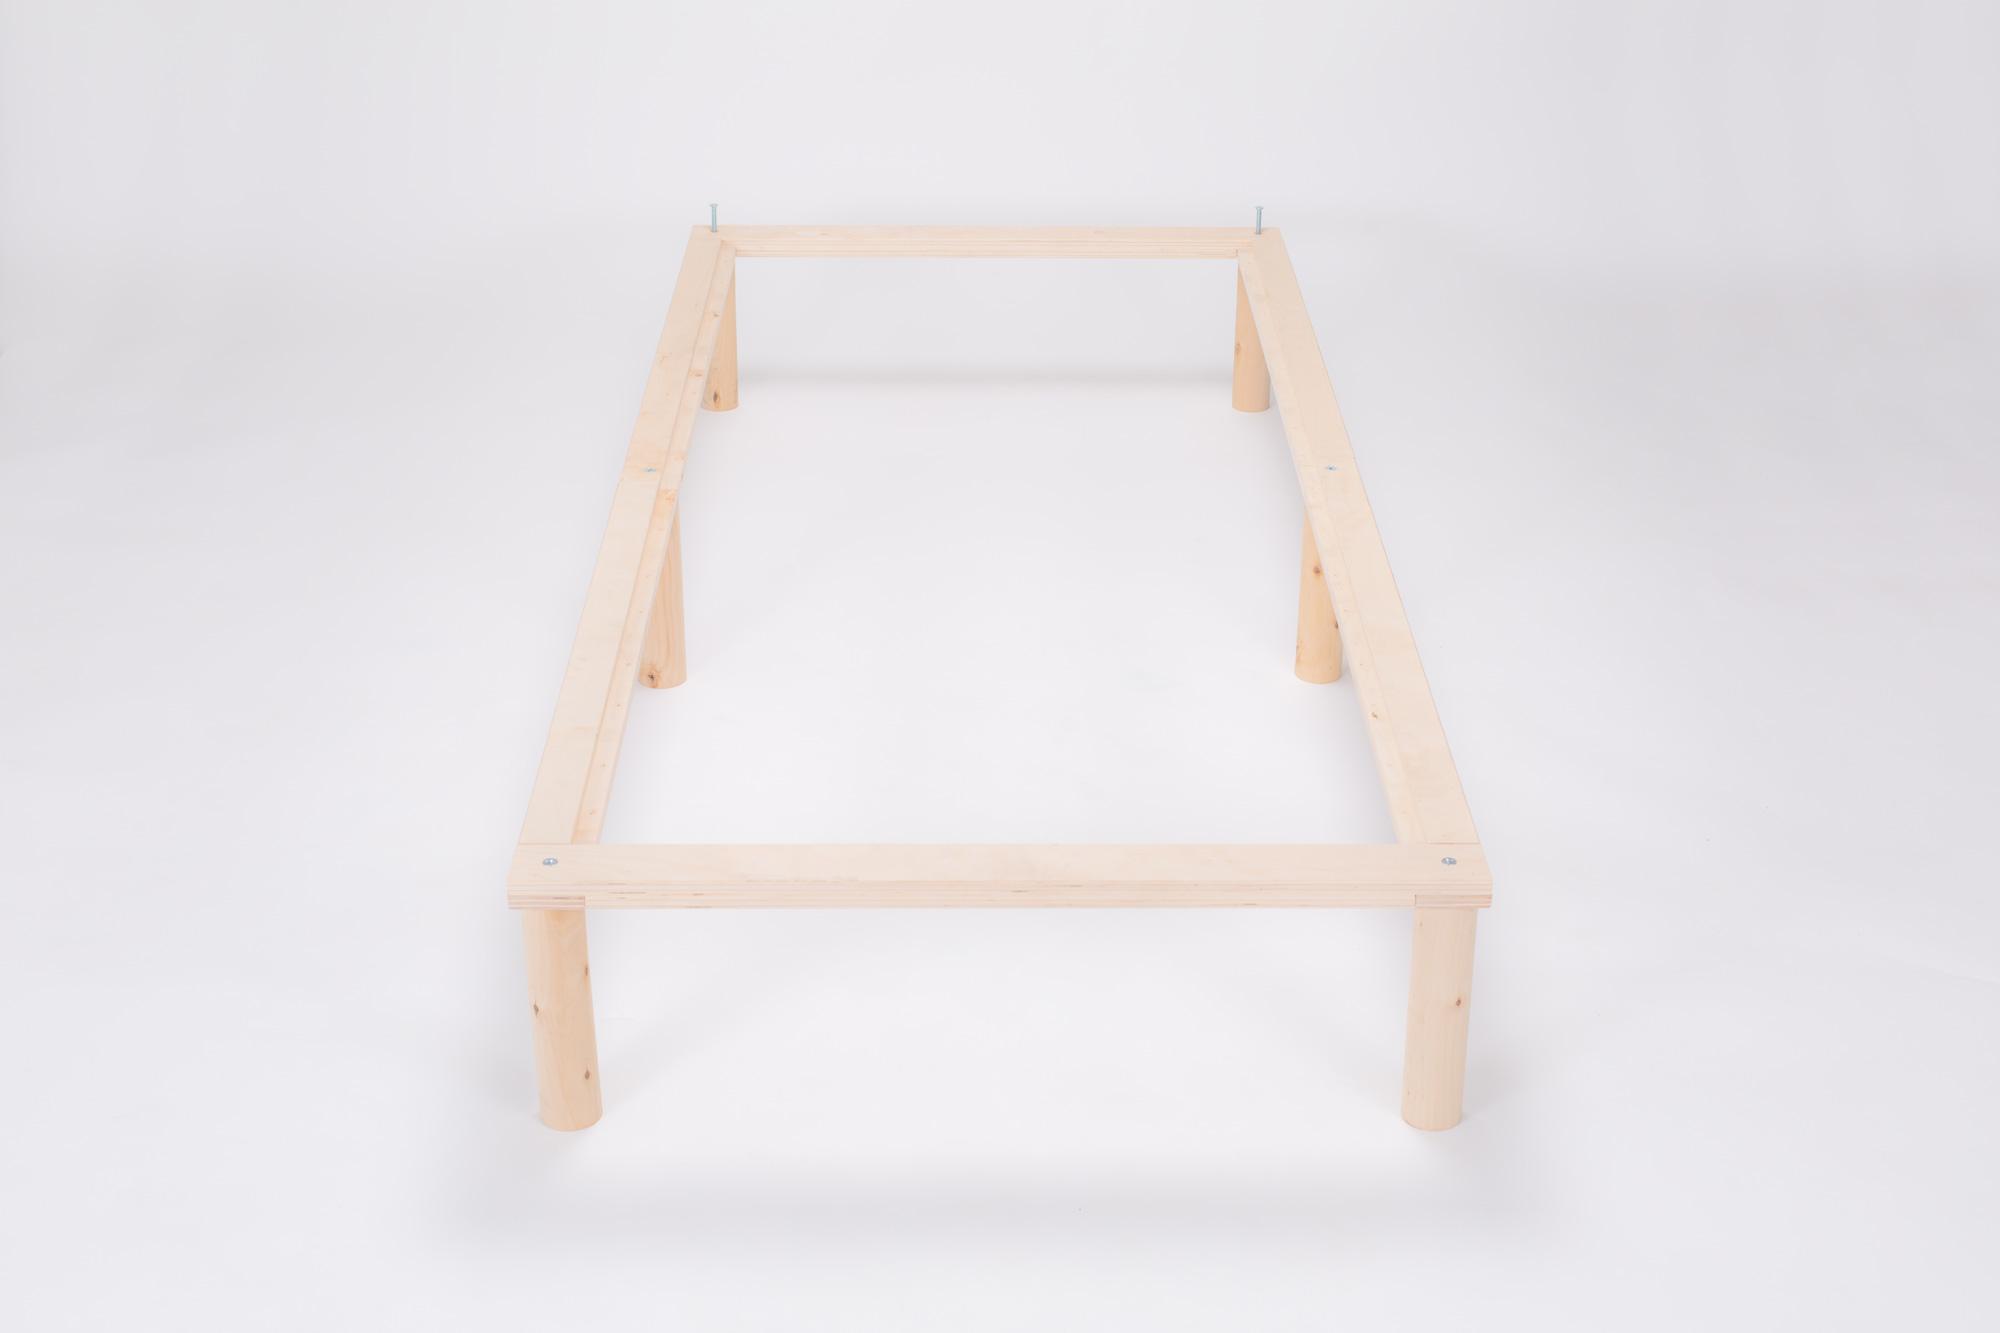 Gigapur G1 26981 Bett   Lattenrost und Bettgestell   Birke Natur Schicht-Holz   Bettrahmen belastbar bis 195Kg   160 x 200 cm (2 x 80 x 200 cm)